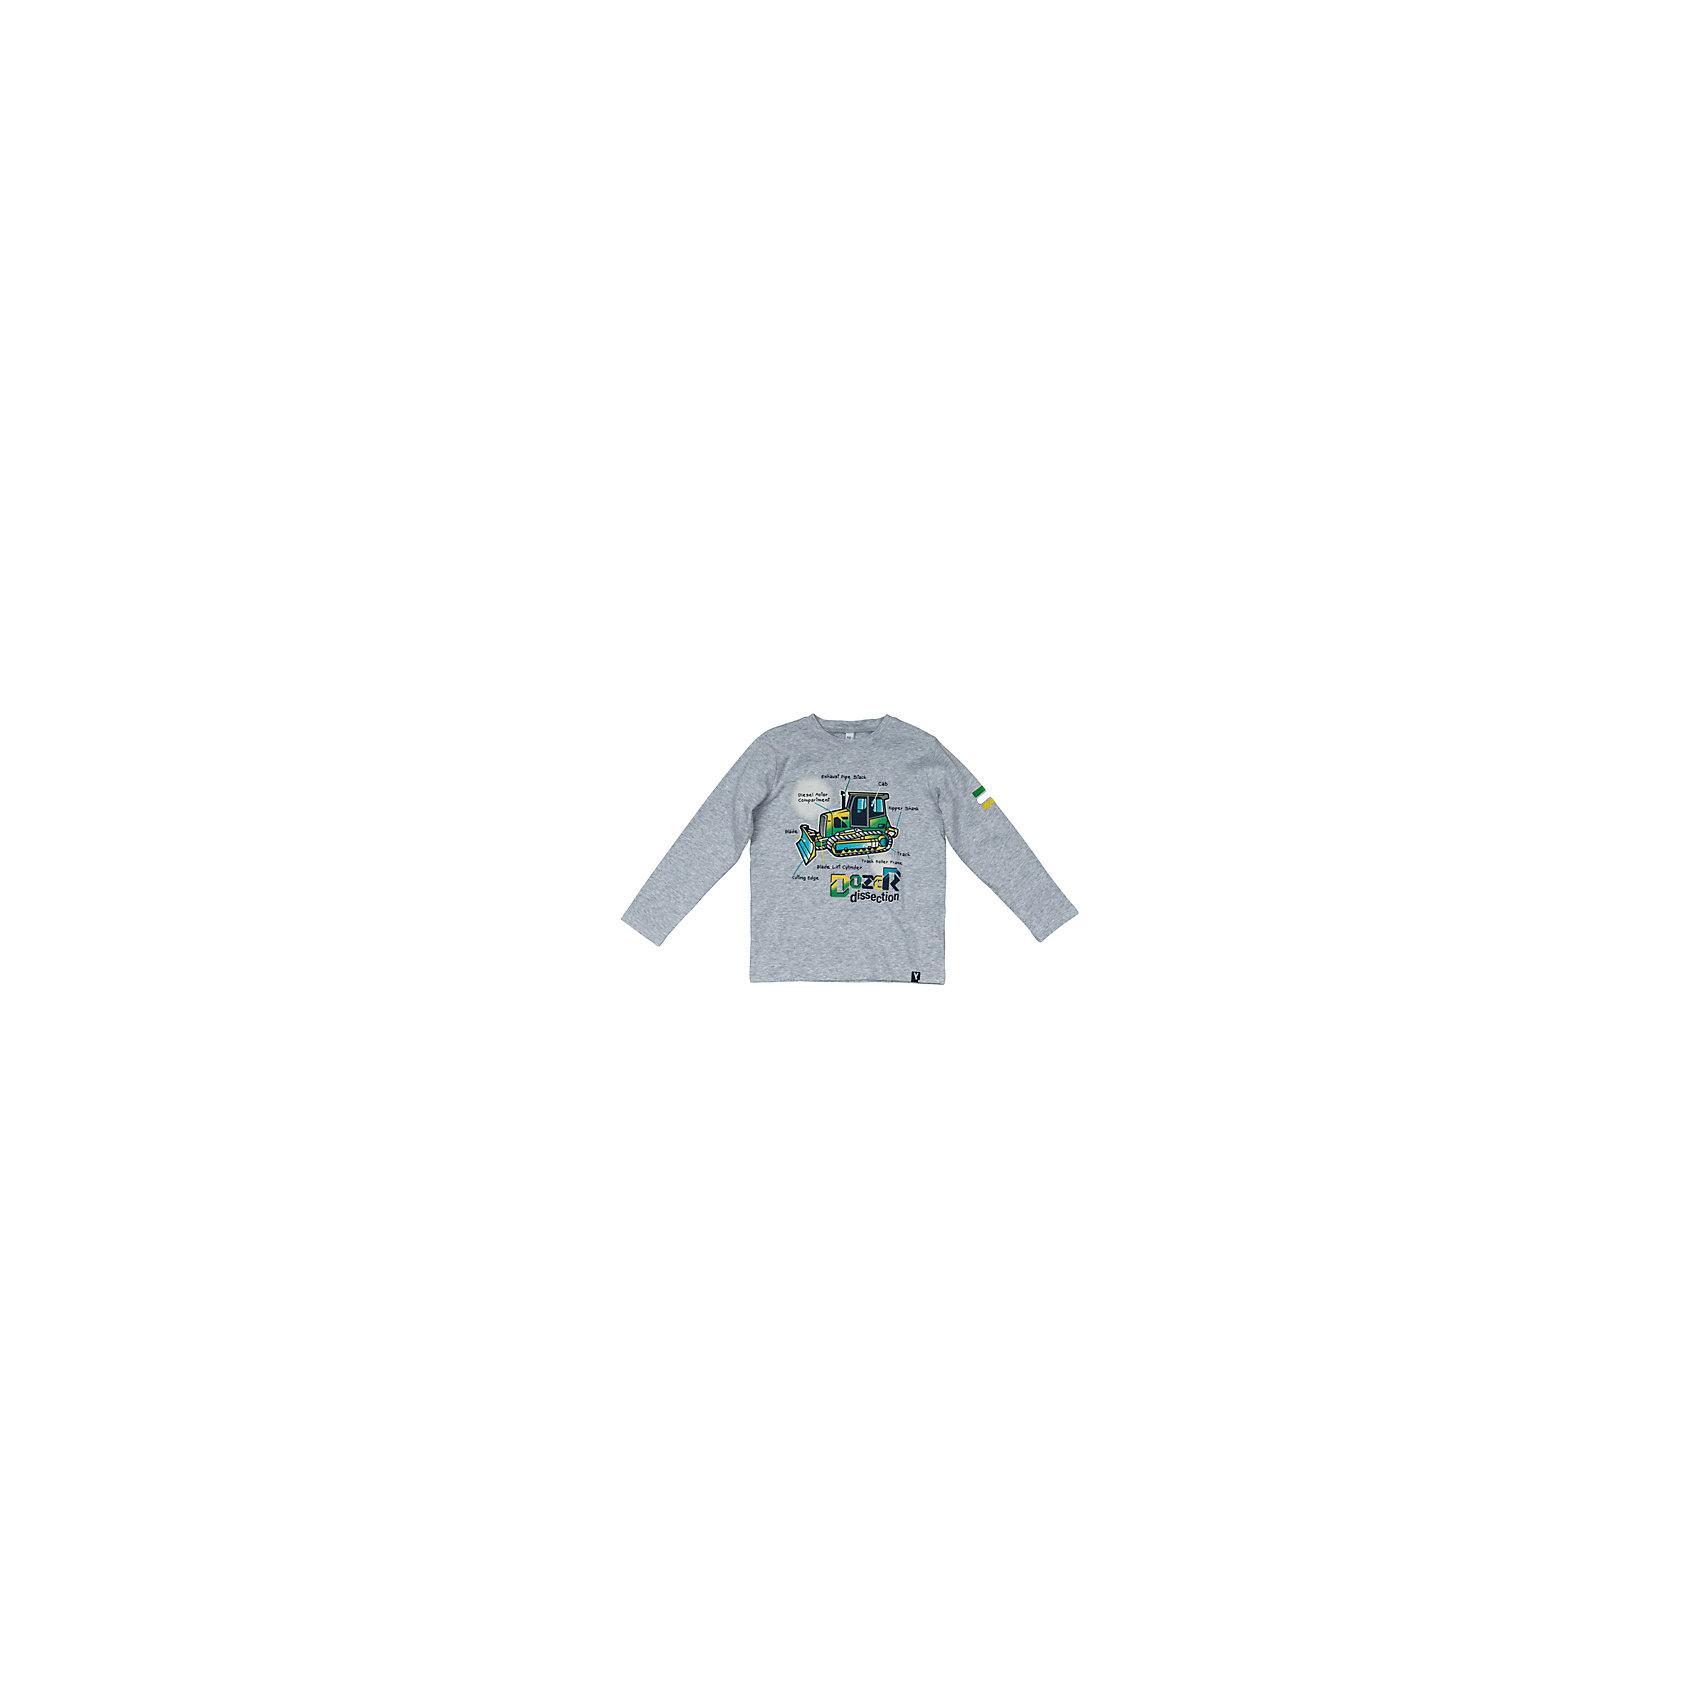 Футболка с длинным рукавом для мальчика PlayTodayФутболки с длинным рукавом<br>Футболка с длинным рукавом для мальчика от известного бренда PlayToday.<br>Мягкая хлопковая футболка с длинными рукавами. Украшена стильным резиновым принтом, на воротнике трикотажная резинка. Универсальный цвет серый меланж позволяет сочетать ее с любой одеждой.<br>Состав:<br>95% хлопок, 5% эластан<br><br>Ширина мм: 199<br>Глубина мм: 10<br>Высота мм: 161<br>Вес г: 151<br>Цвет: серый<br>Возраст от месяцев: 72<br>Возраст до месяцев: 84<br>Пол: Мужской<br>Возраст: Детский<br>Размер: 122,104,128,110,116,98<br>SKU: 4898201